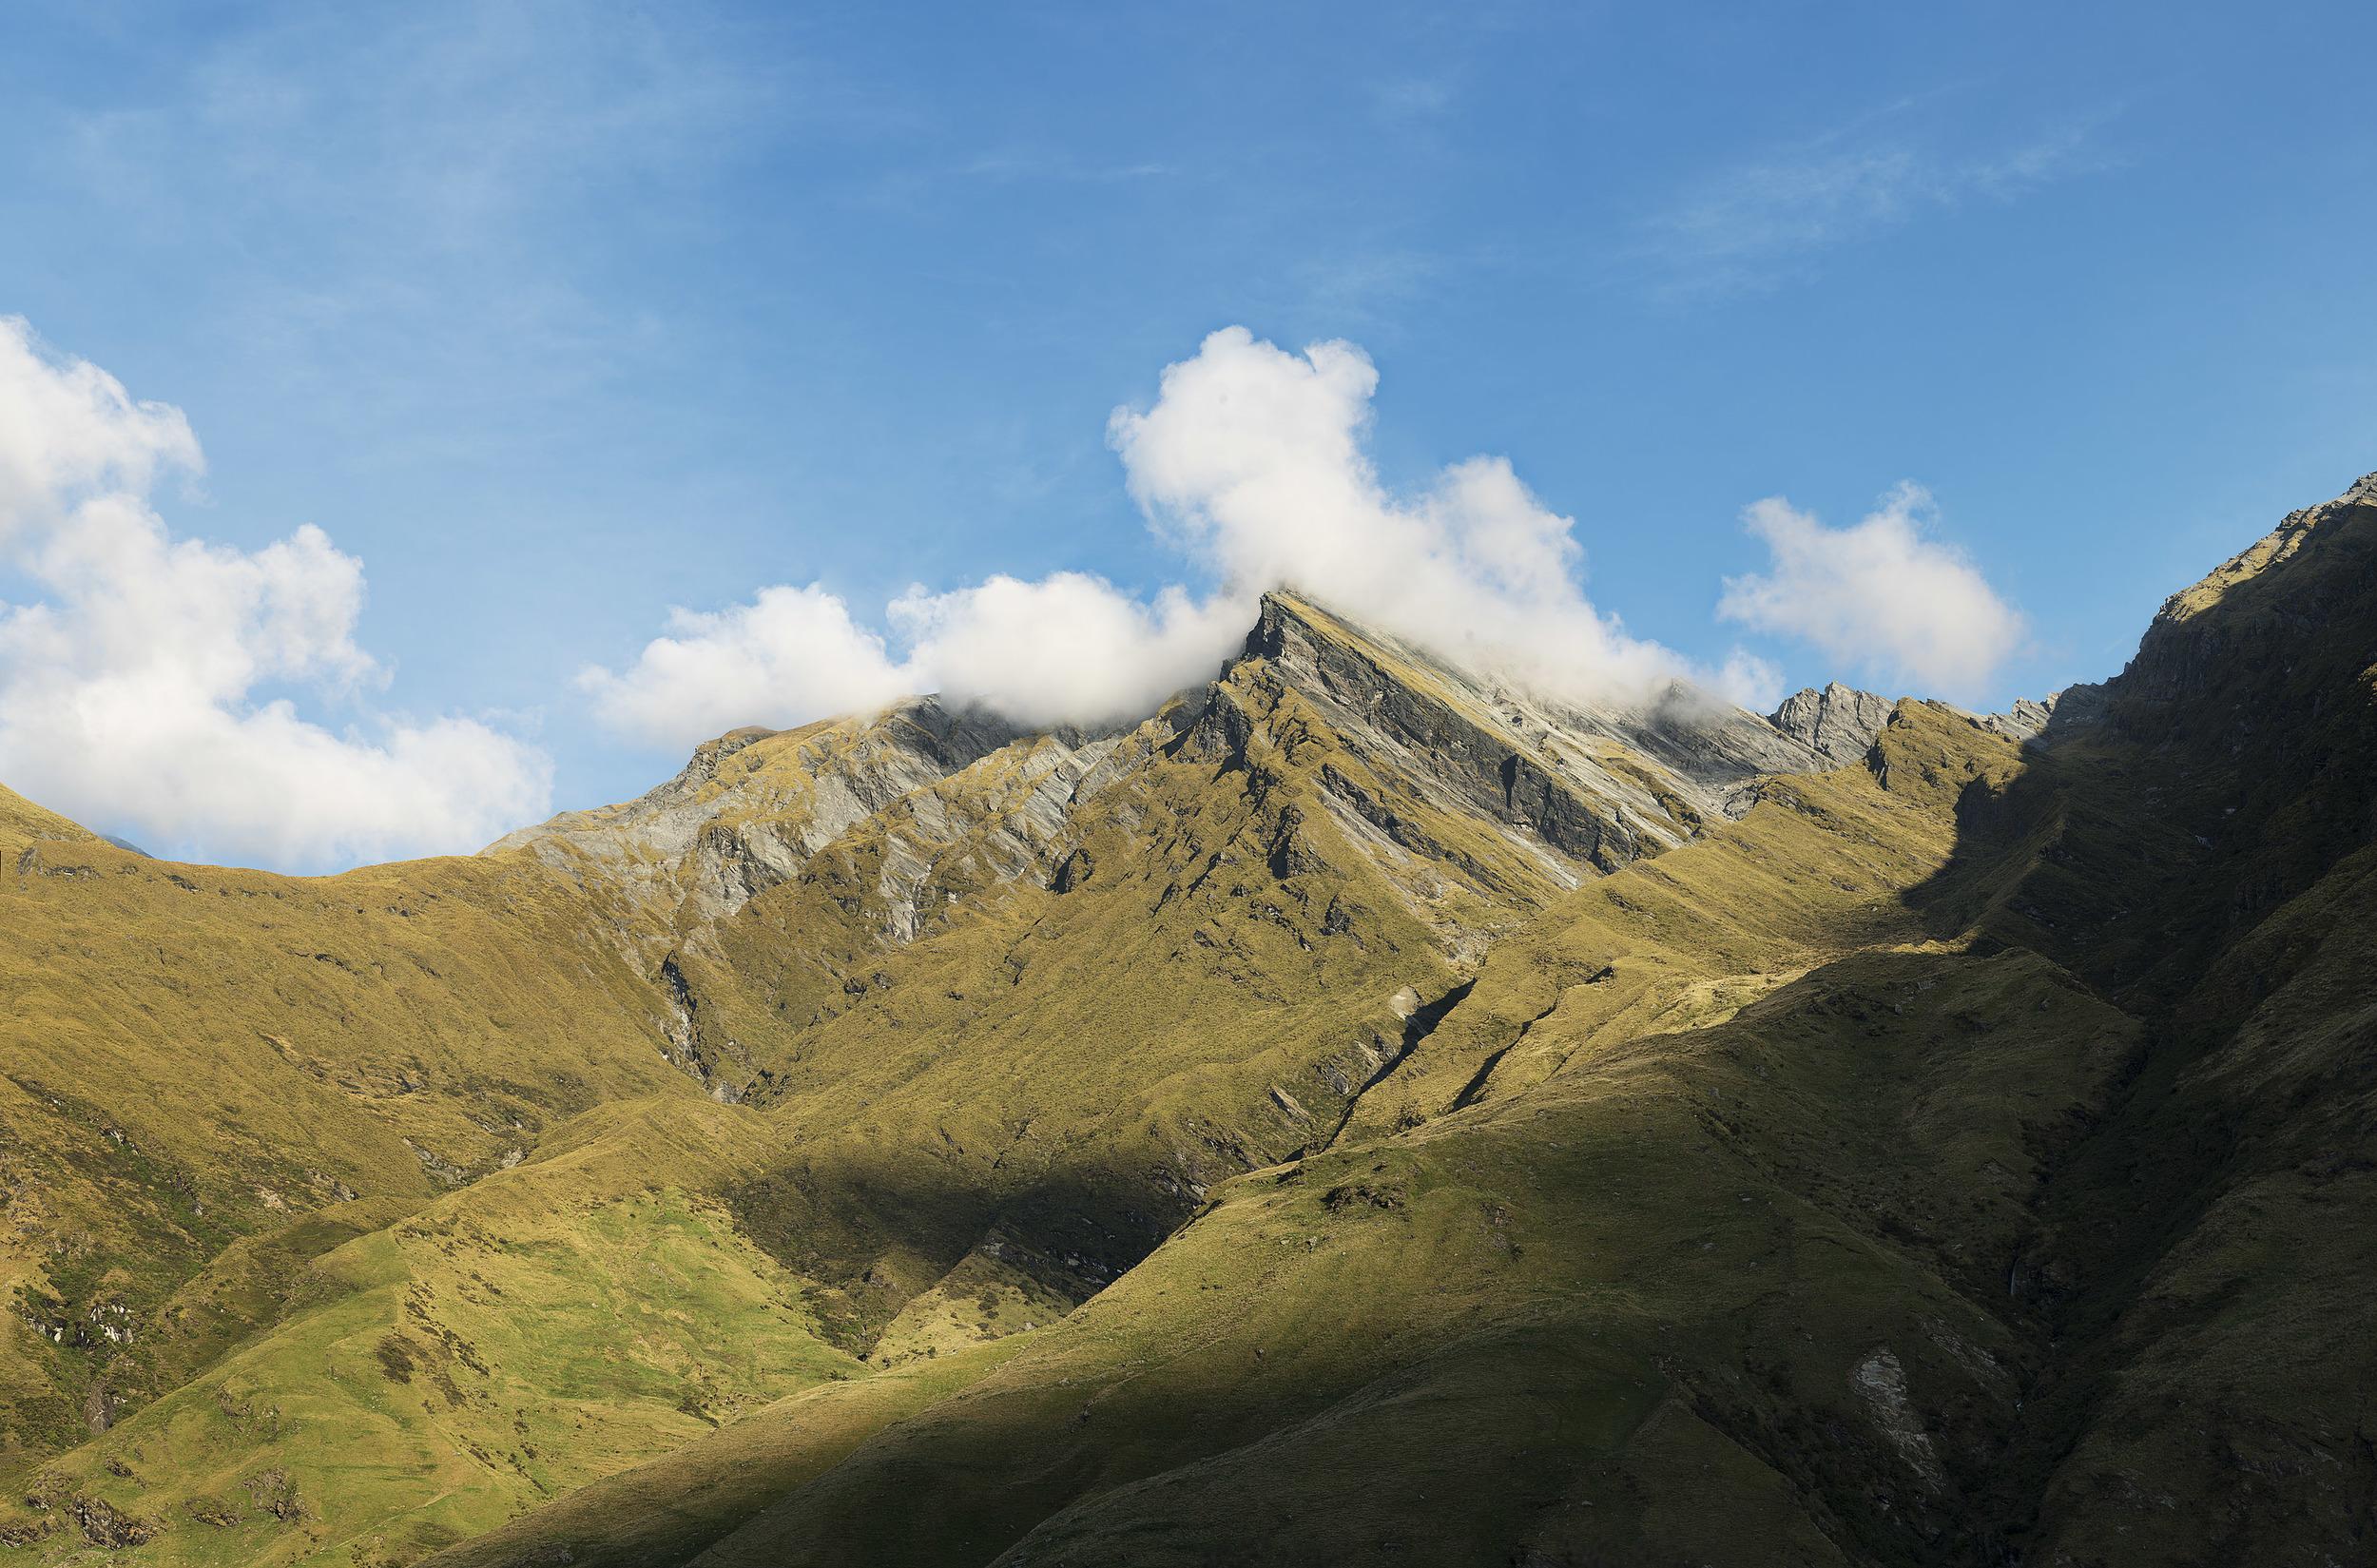 """Land of the Long White cloud - 写真展展示作品とタイムラプスフィルム""""Land of the Long White cloud=長い白雲の国""""を撮影したニュージーランドの南島は手つかずの美しい自然が残された、素晴らしい景色の宝庫だ。2回きりの訪問では島の上っ面をなでただけに過ぎないが、それでも感動的ないくつかの風景に出会うことができた。森に潜み、隙をみては血を吸おうと現れる鬱陶しいサンドフライを除けば、ここは完璧なパラダイスであり、また何度も訪れたい場所である。"""